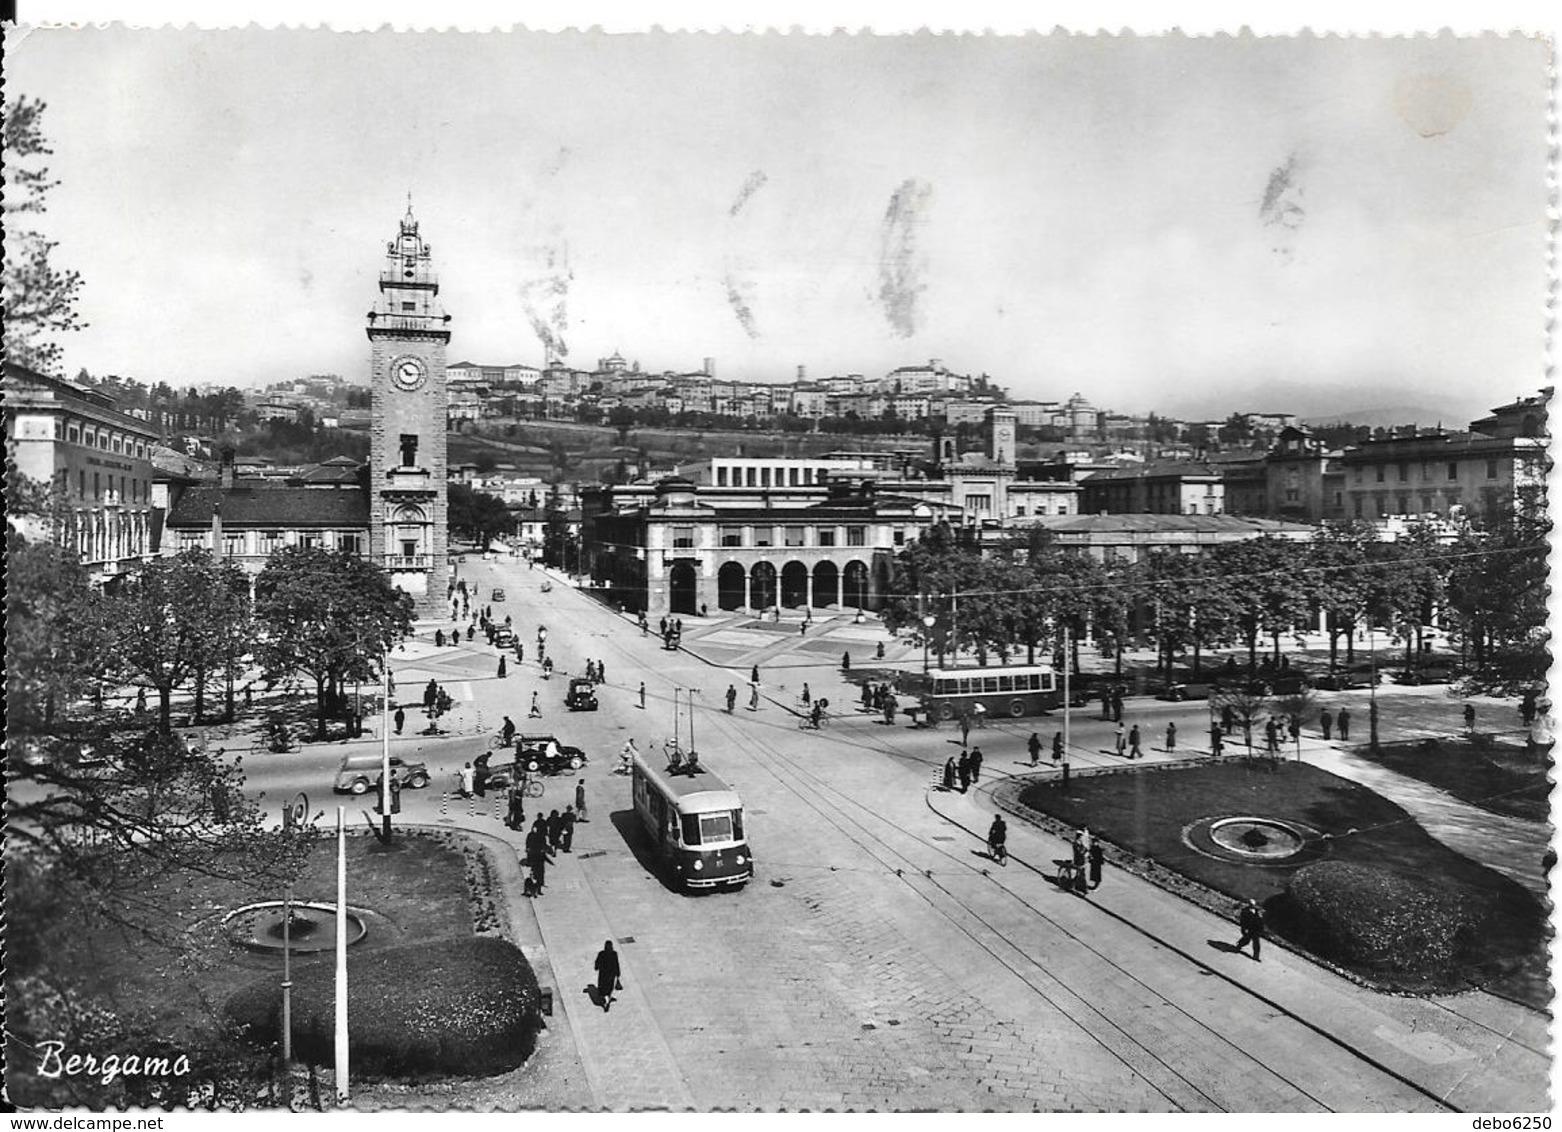 BERGAMO 1956 - Bergamo